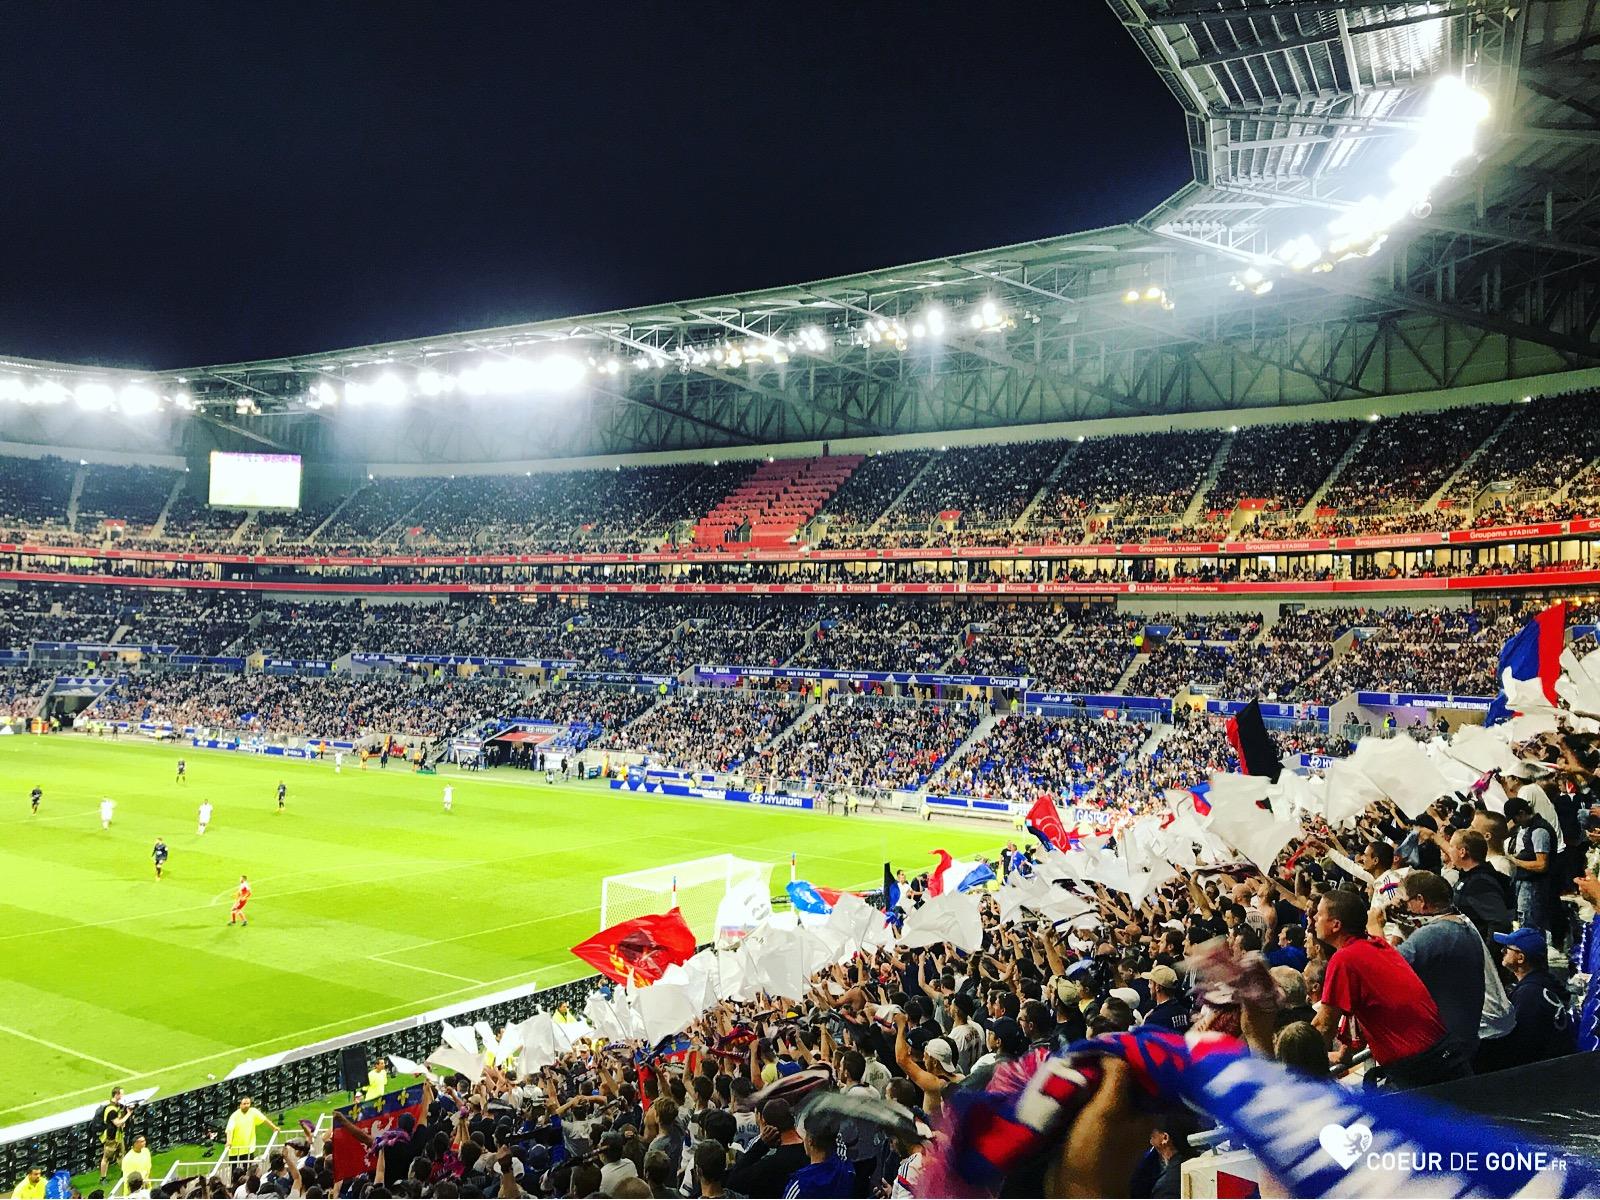 Le Groupama Stadium, l'atout de l'OL | Coeur de Gone